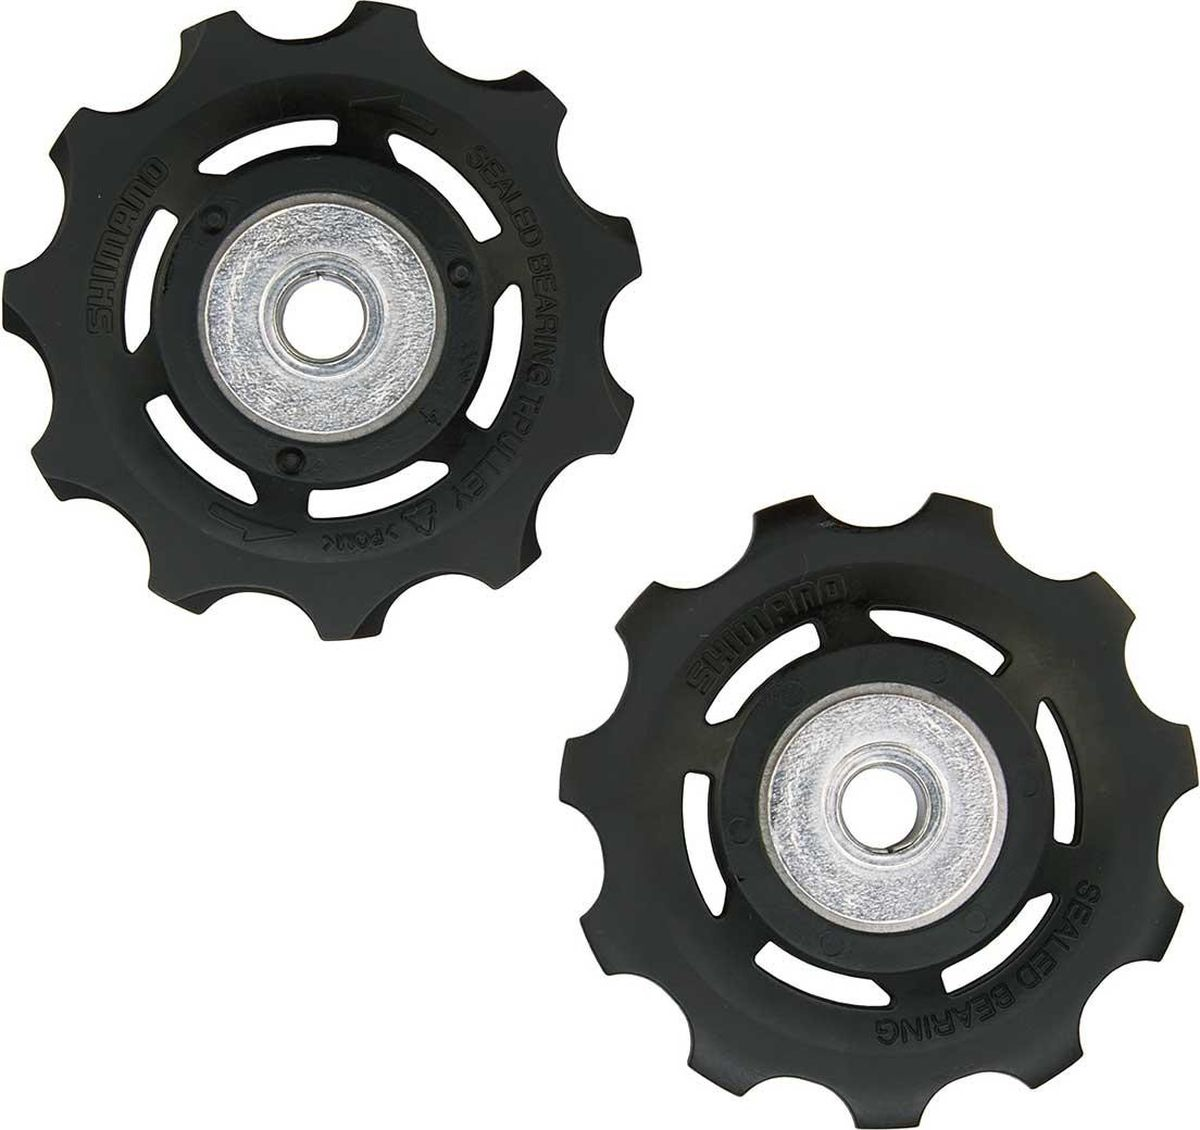 Ролики Shimano, 11 скоростей, верхние и нижние, к RD-6800/6870 ролики цена спортмастер